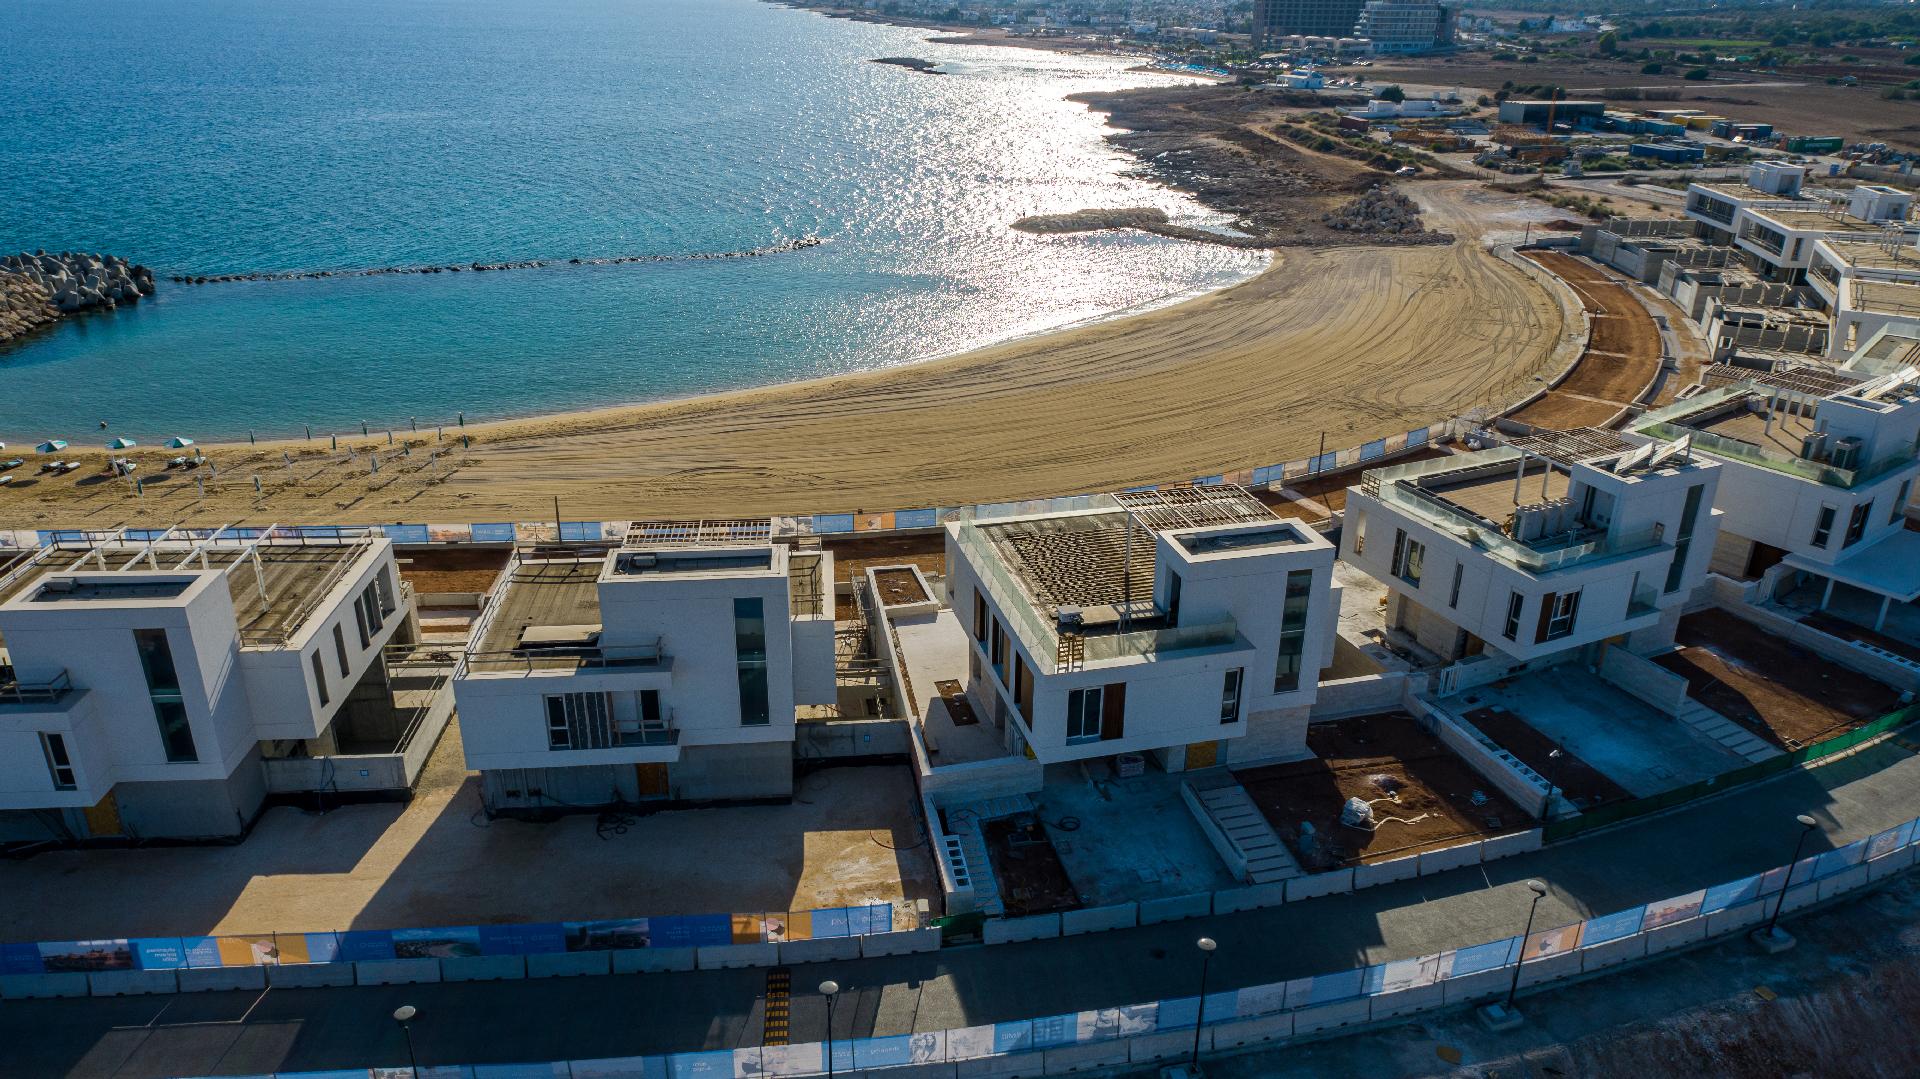 Ayia Napa Marina - Beach Villas